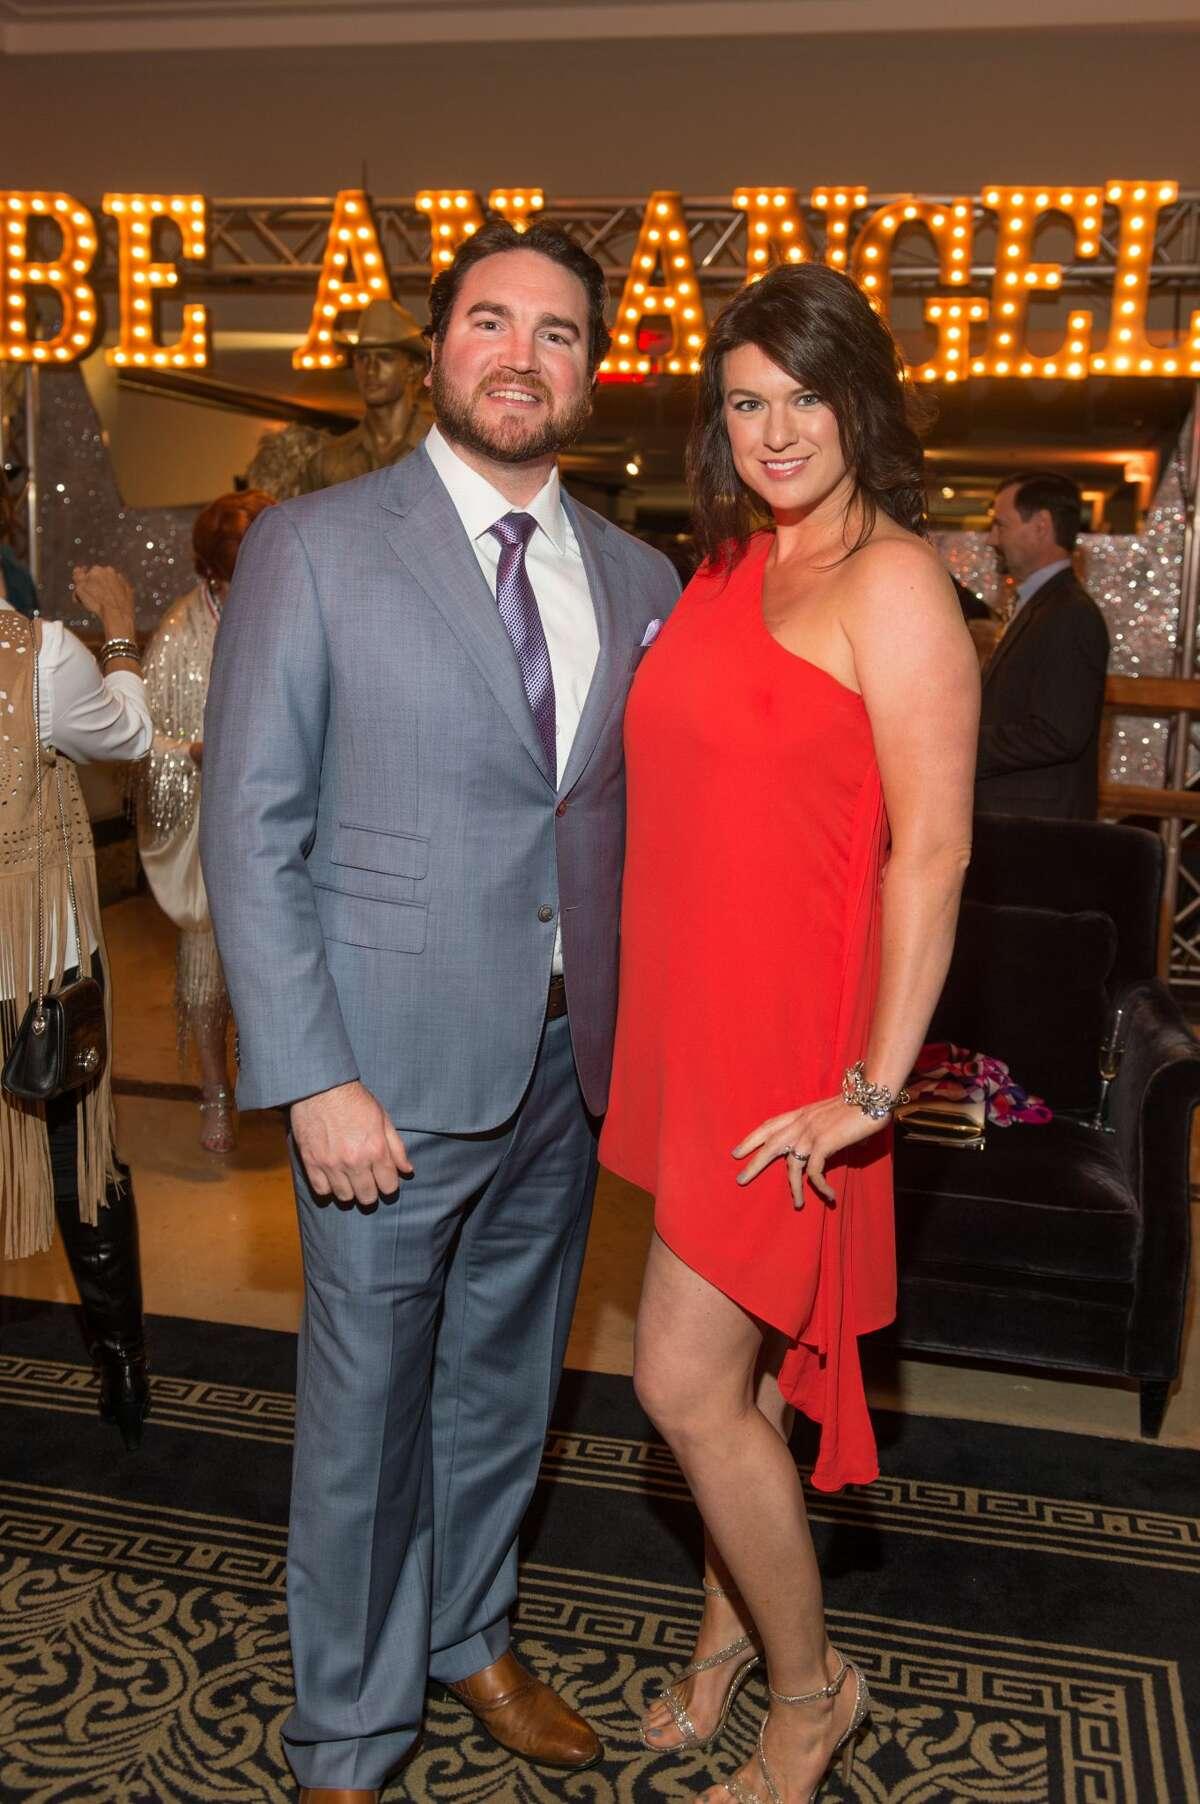 Ryan & Misty Proler